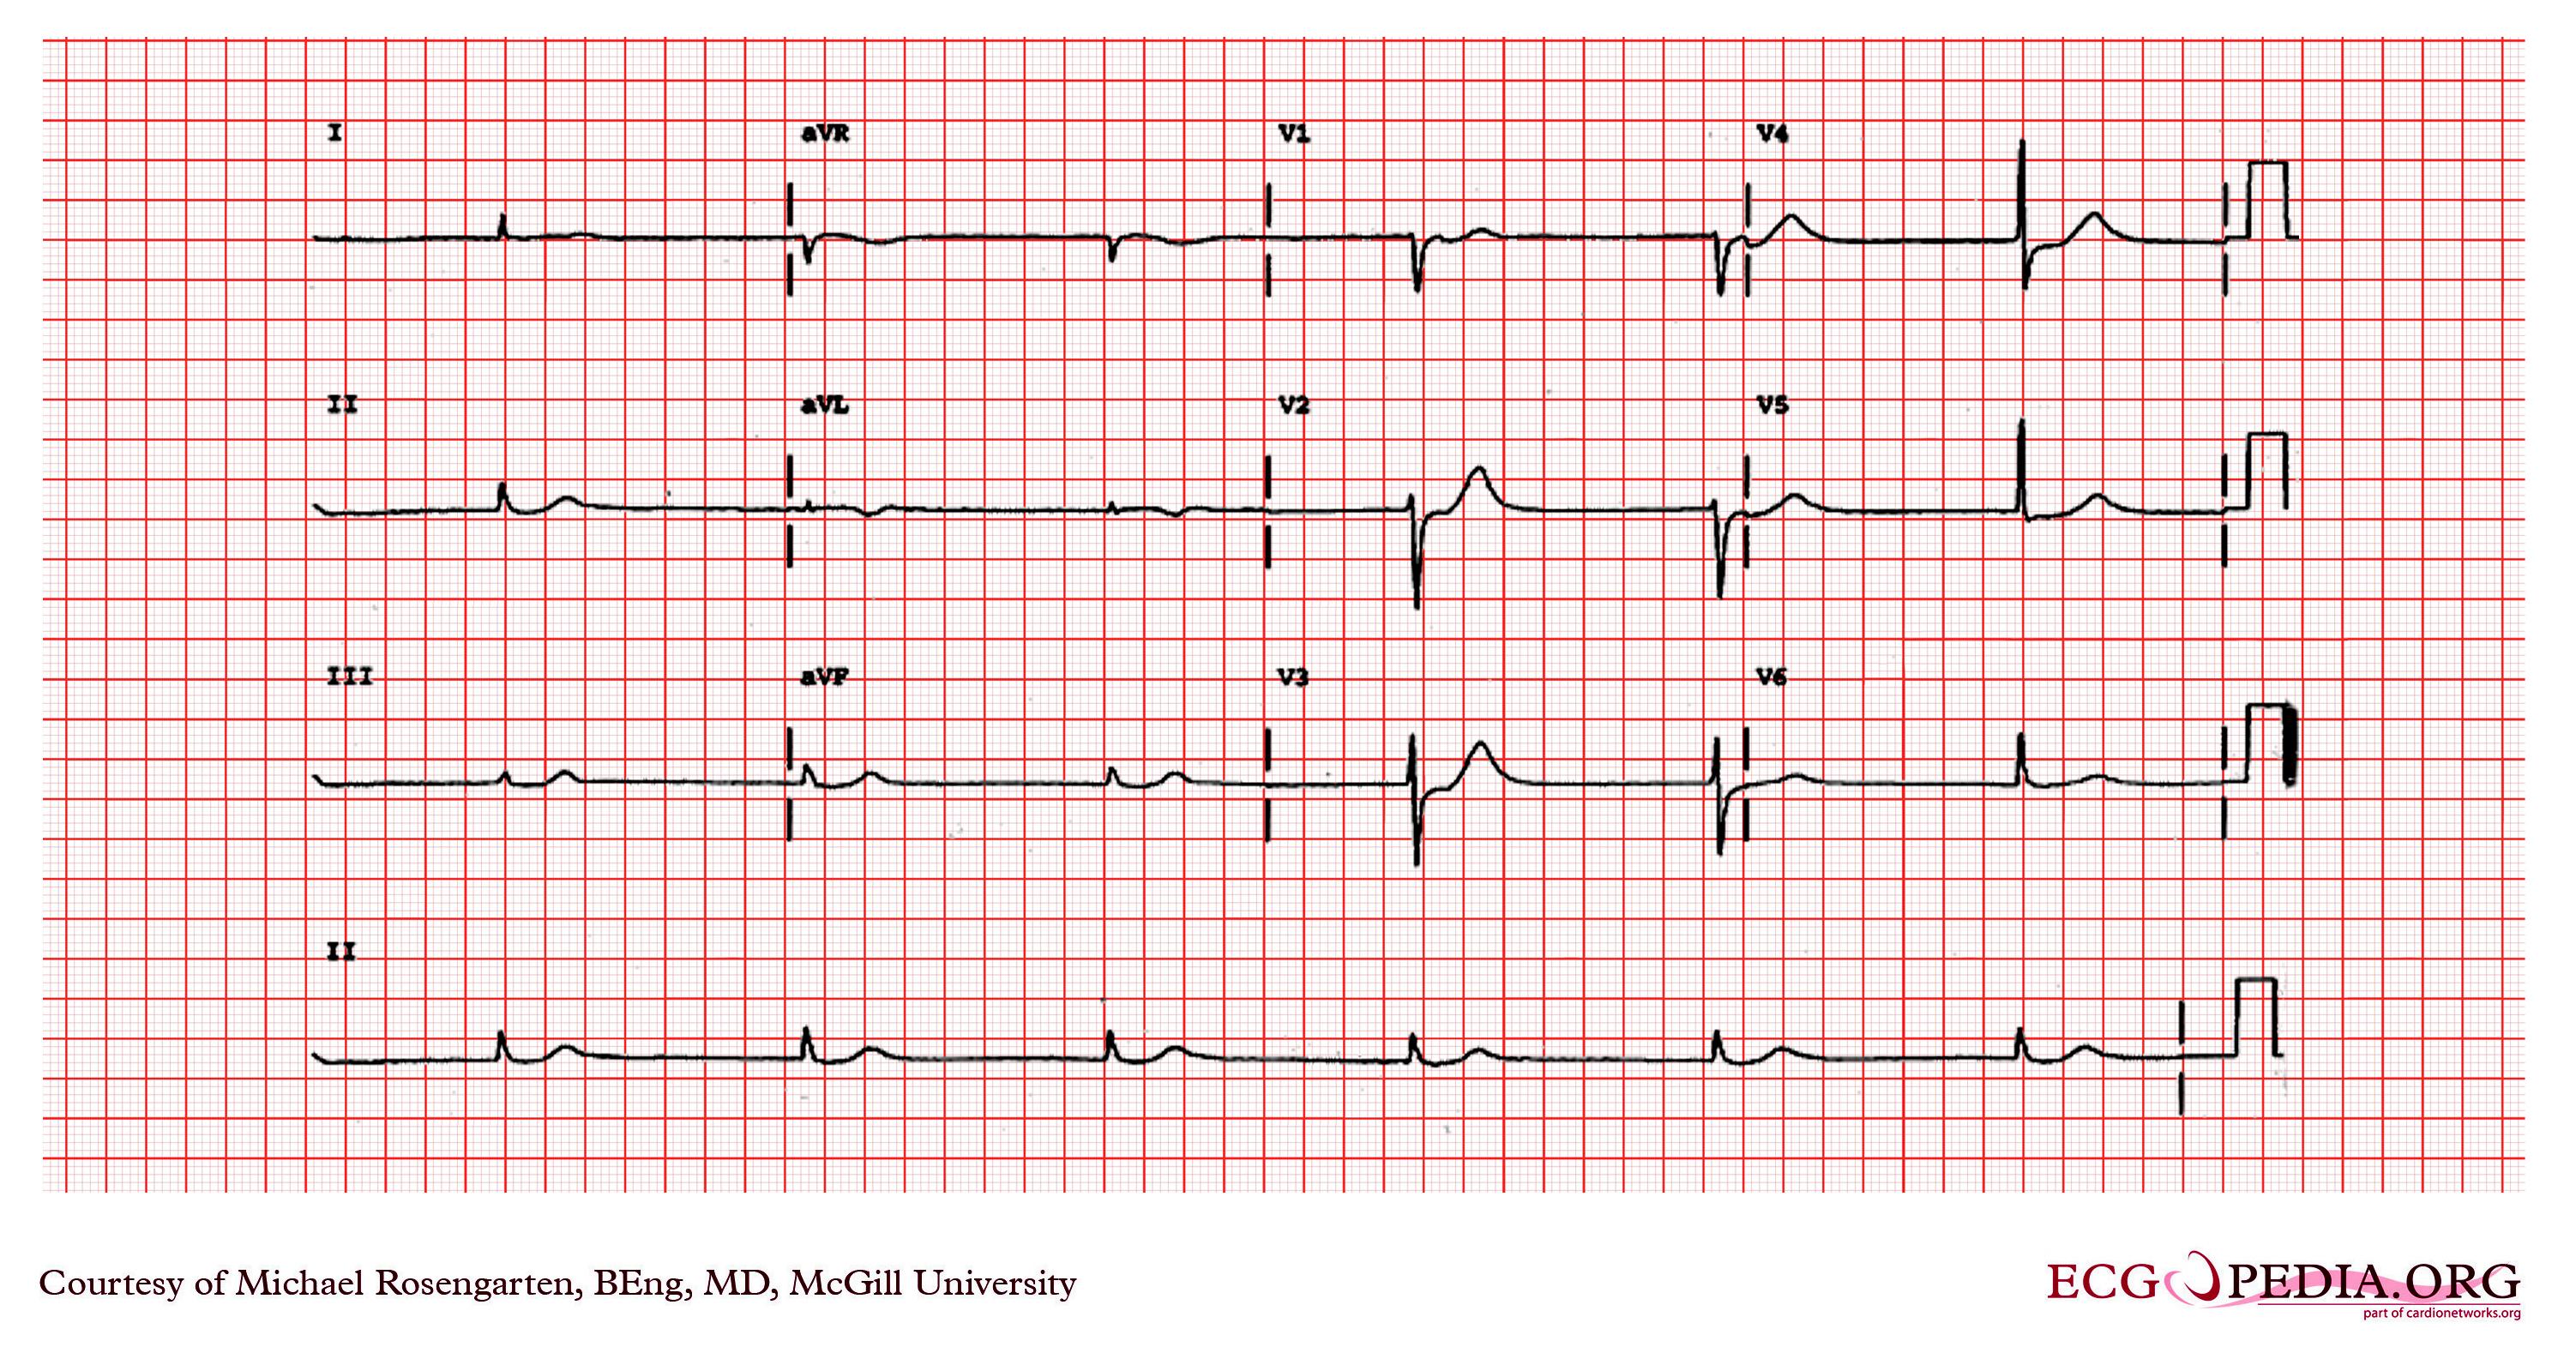 Junctional Bradycardia Ekg Examples Wikidoc